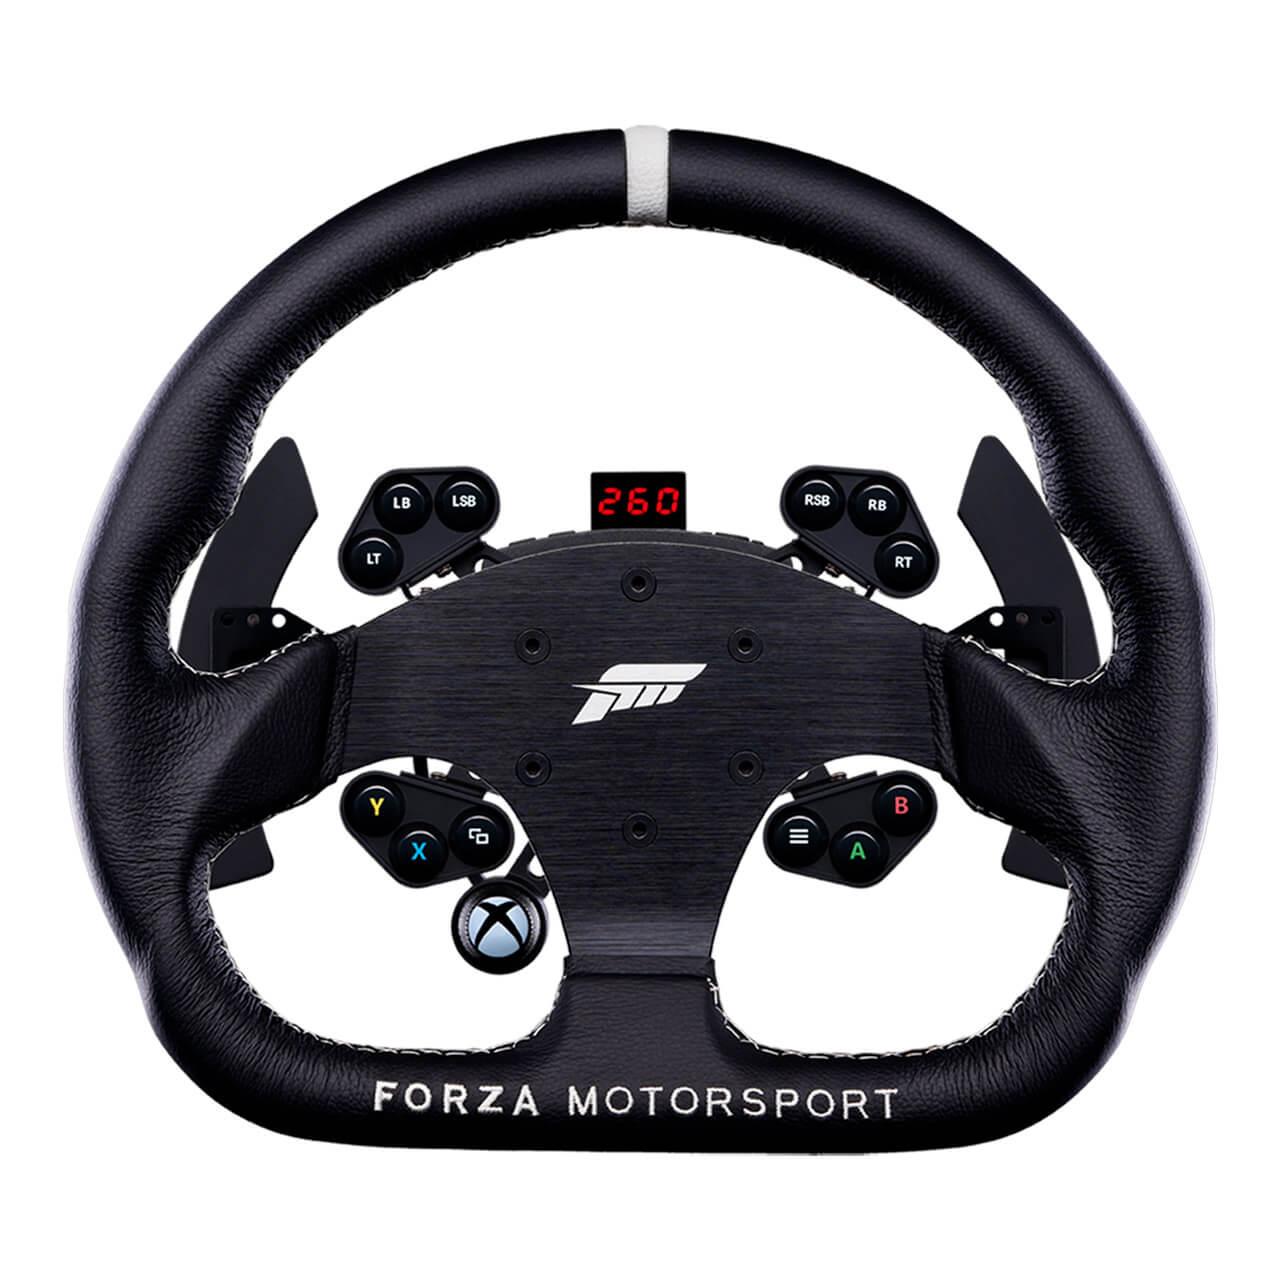 Fanatec Forza Motorsport Komplettset für Xbox One und PC